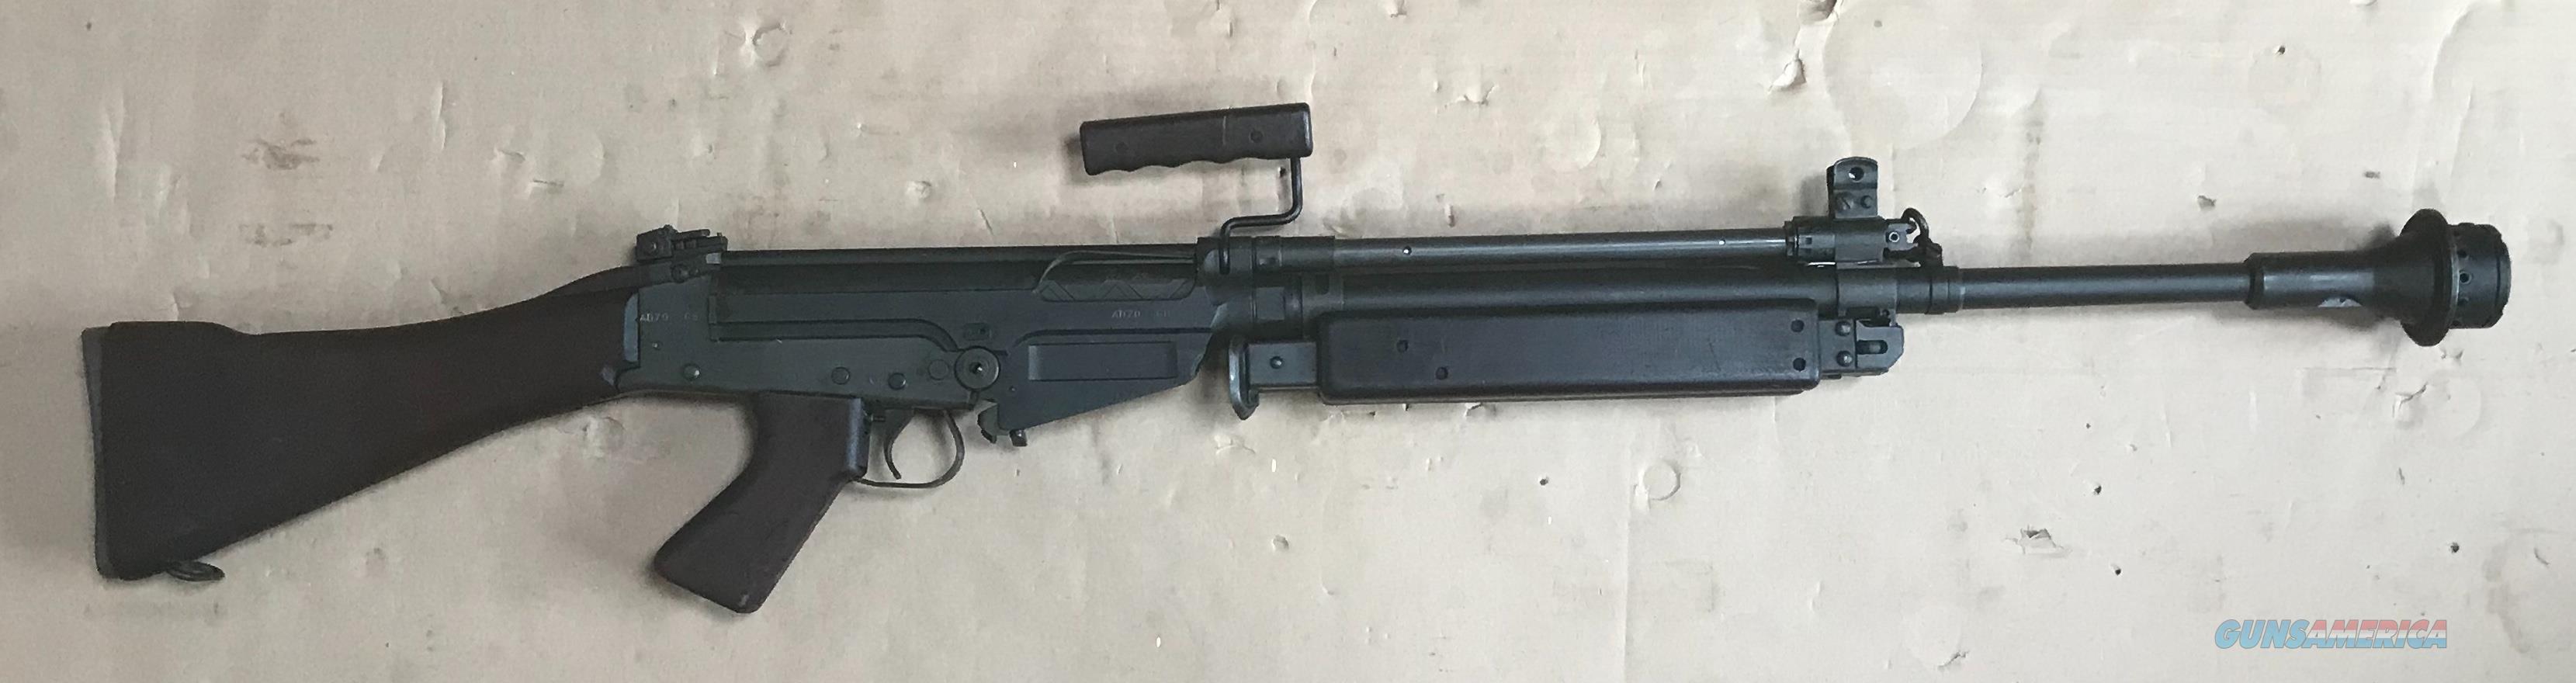 SLR Australian Model L2A1 7.62mm .308 machinegun  Guns > Rifles > Class 3 Rifles > Class 3 Dealer/Law Enf. Only